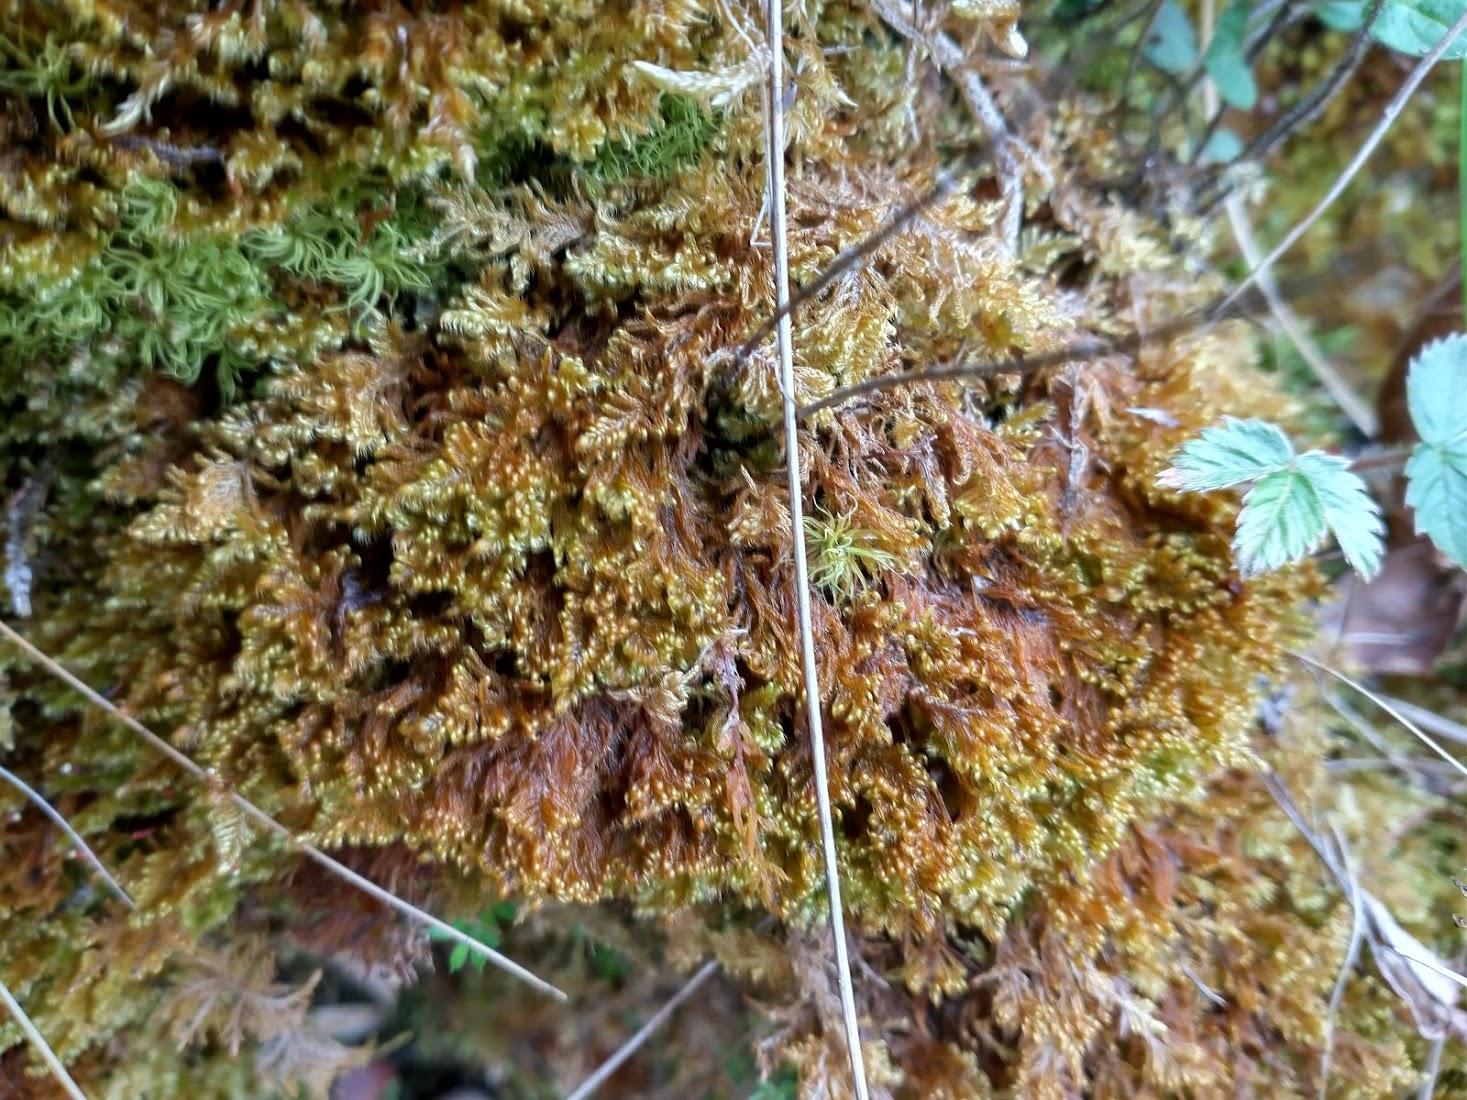 Ctenidium molluscum and Tortella tortuosa